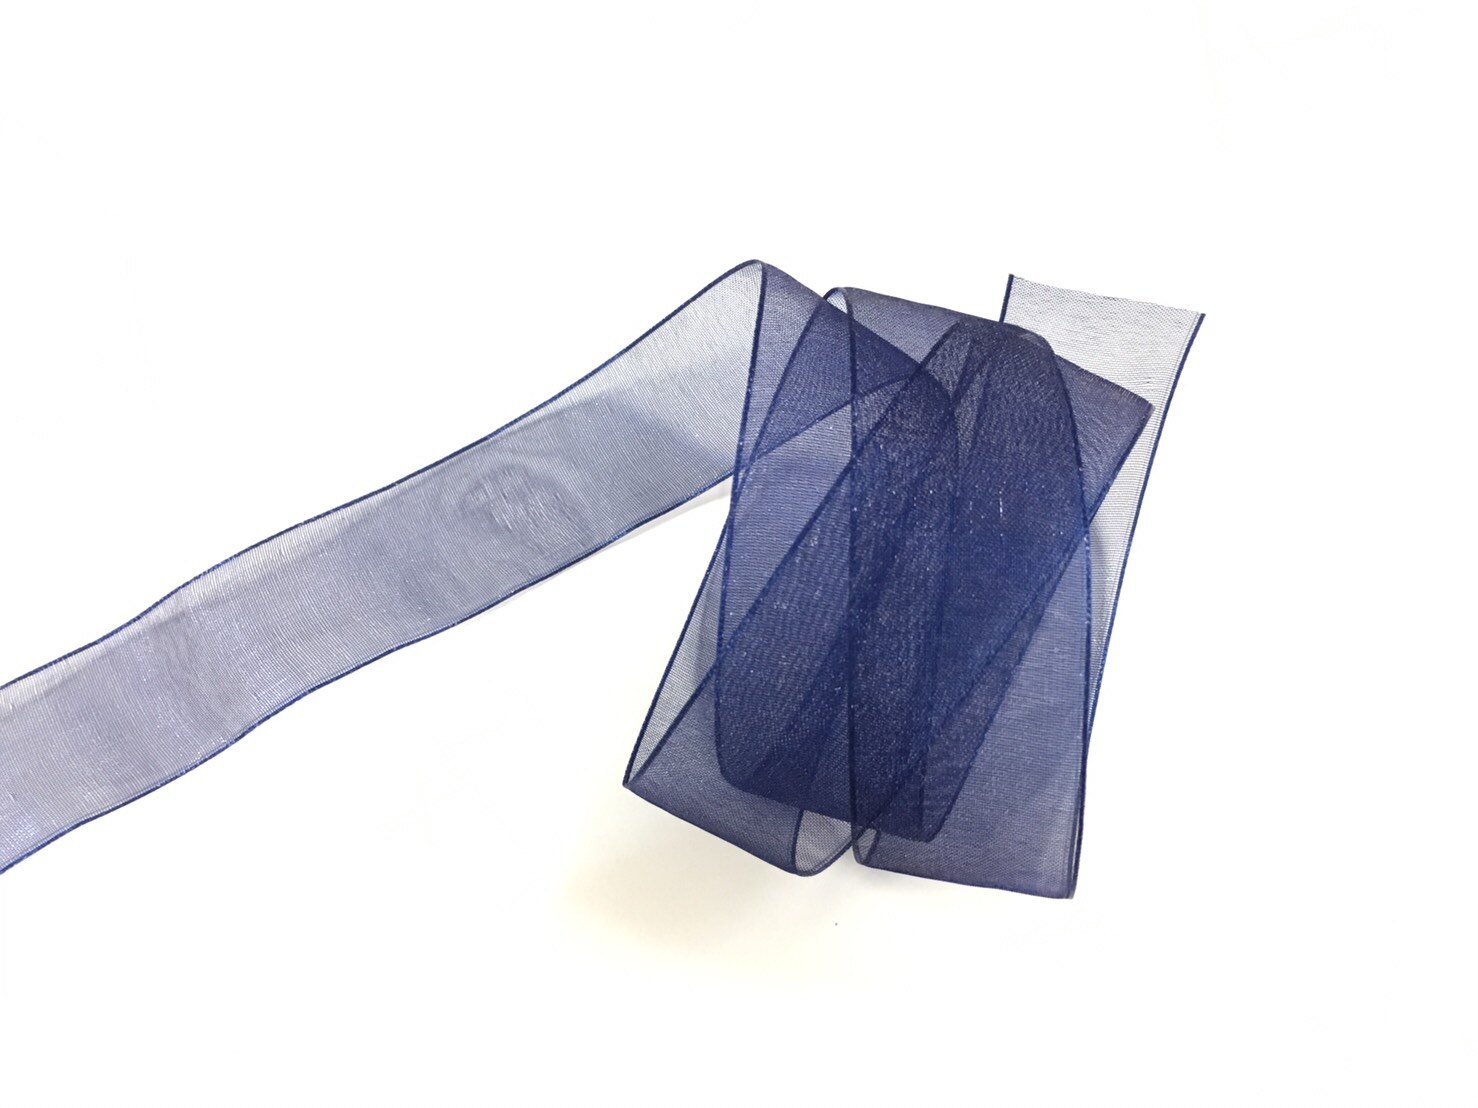 【Crystal Rose緞帶專賣店】光澤網紗緞帶 3碼裝 (10色) 8